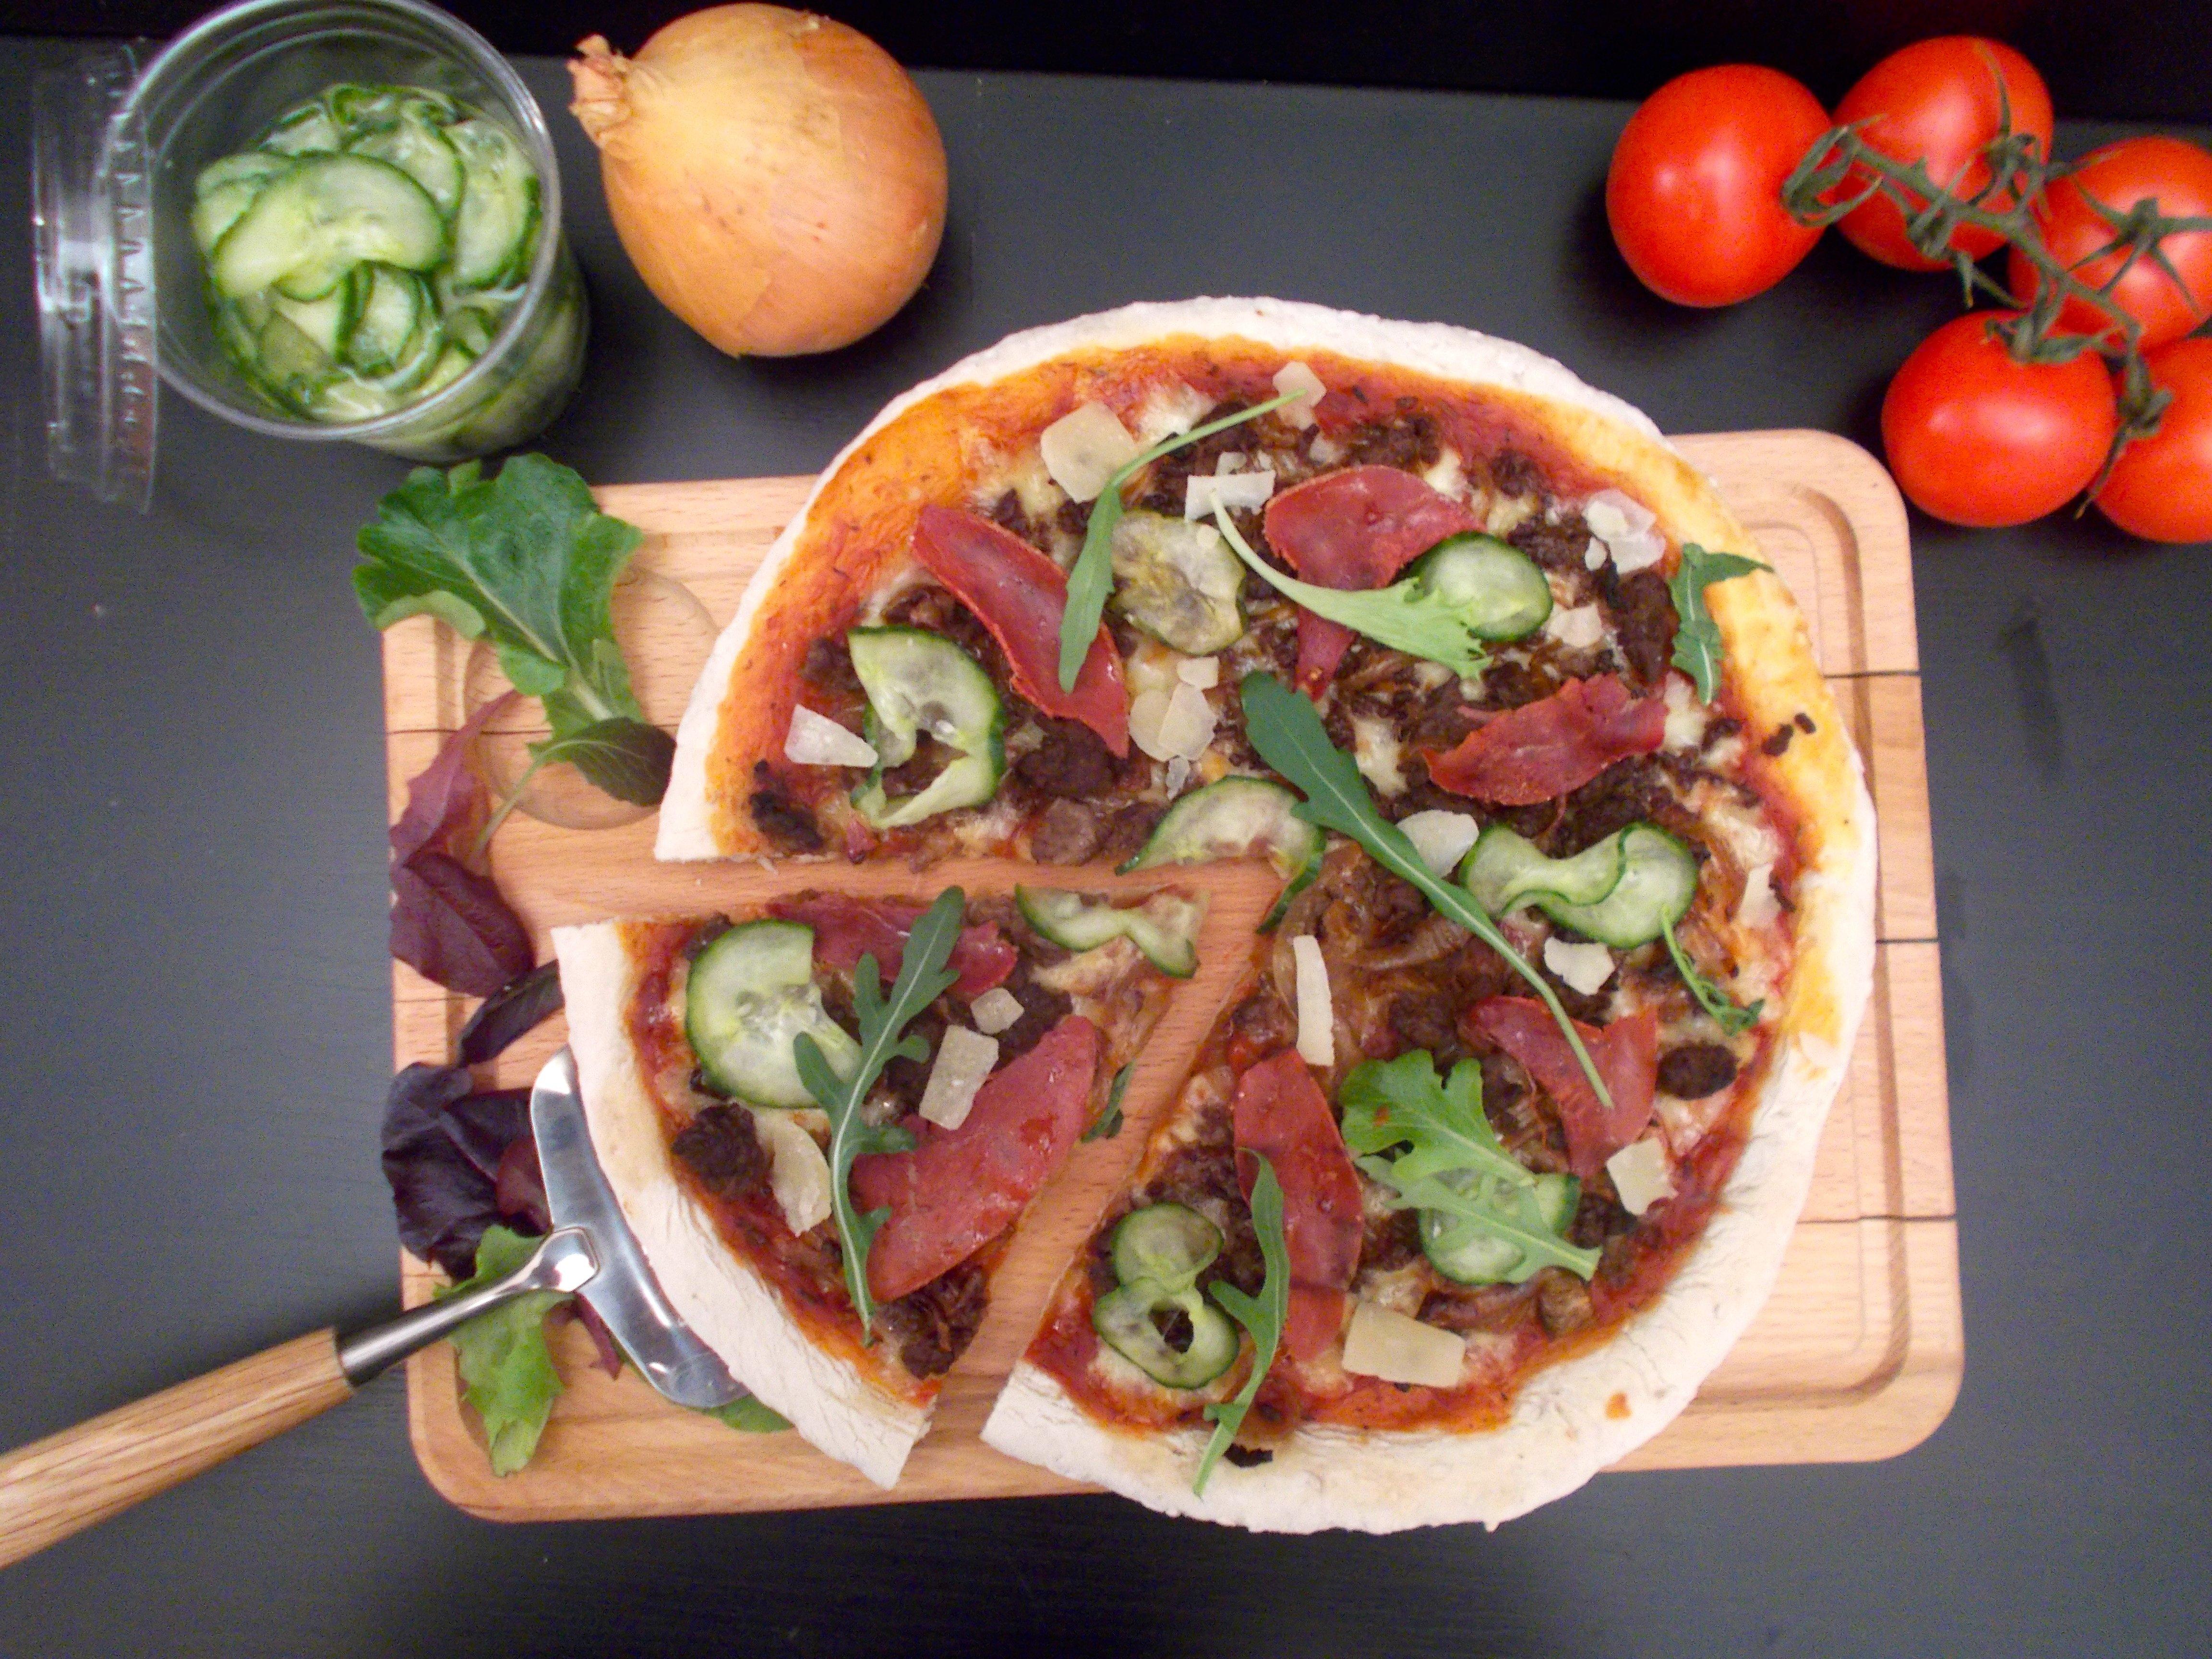 Pizza au boeuf à l'oignon façon burger